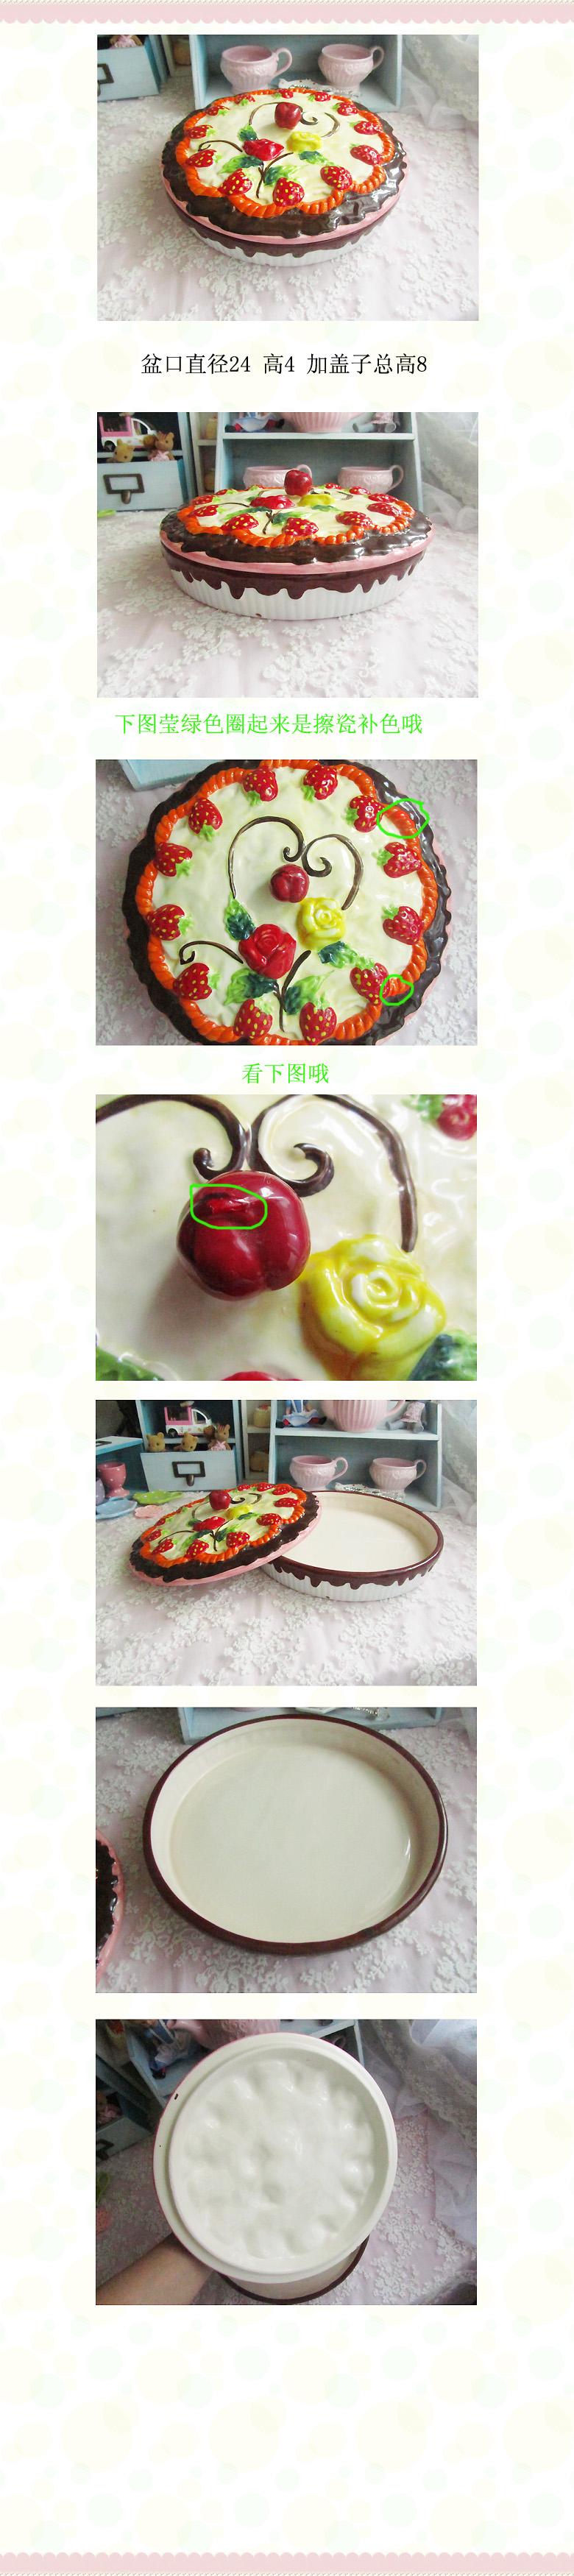 原单出口孤品巧克力草莓樱桃蛋糕带盖陶瓷盆果盆披萨盆零食干果-淘宝网